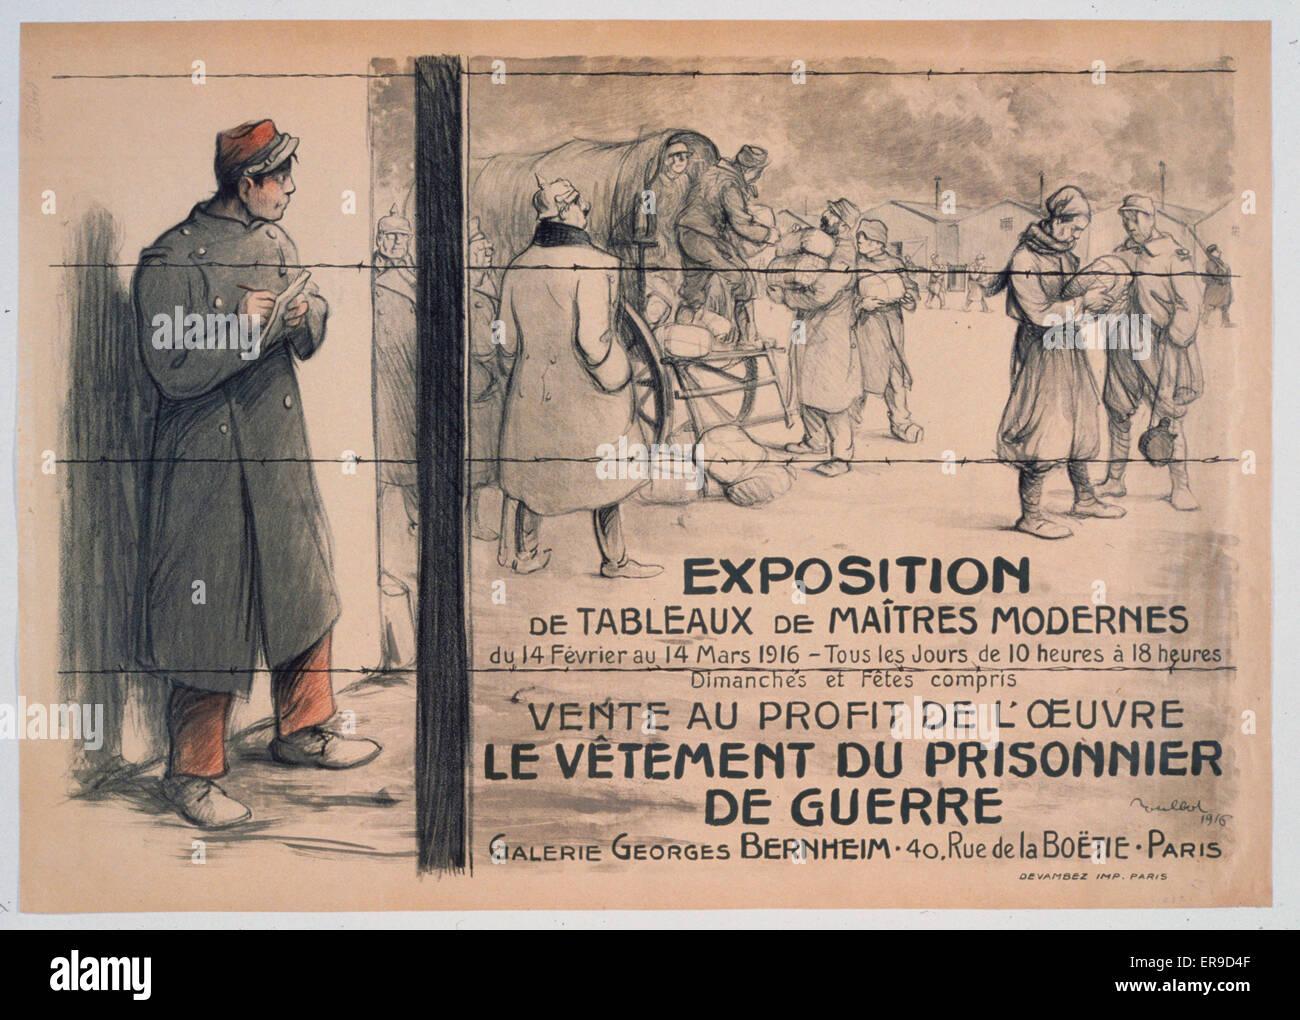 Exposition de tableaux de maitres modernesvente au profit de l'oeuvre le vetement du prisonnier de guerre. Galerie Stock Photo